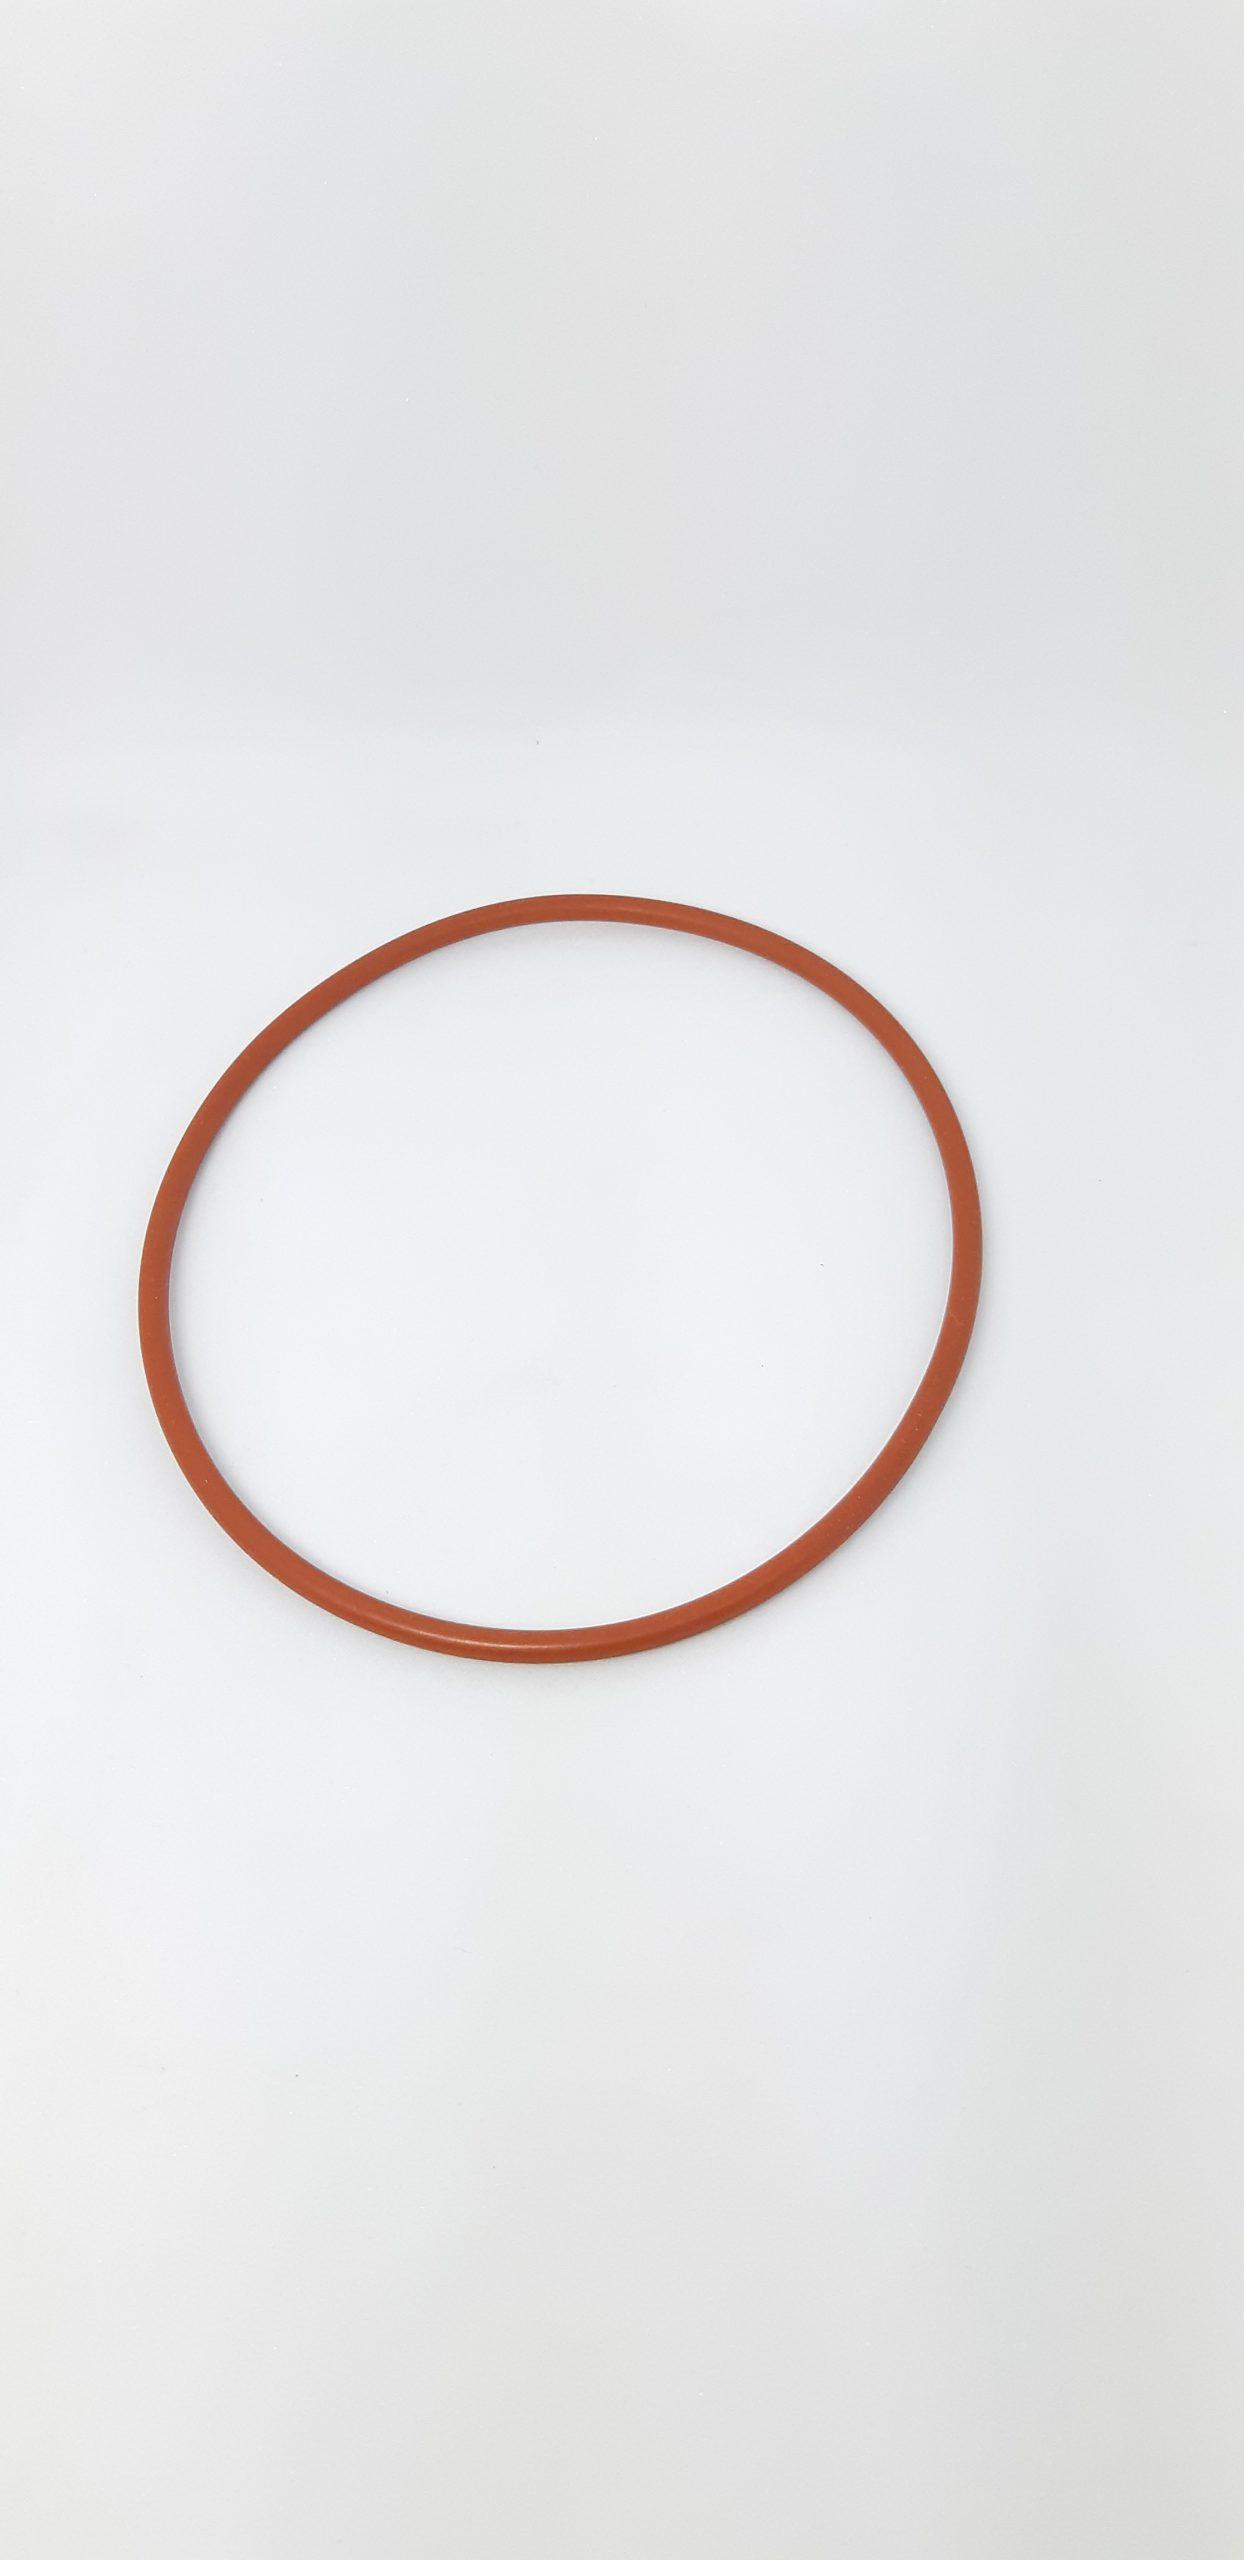 О-пръстен 176,177 силикон - 140322962